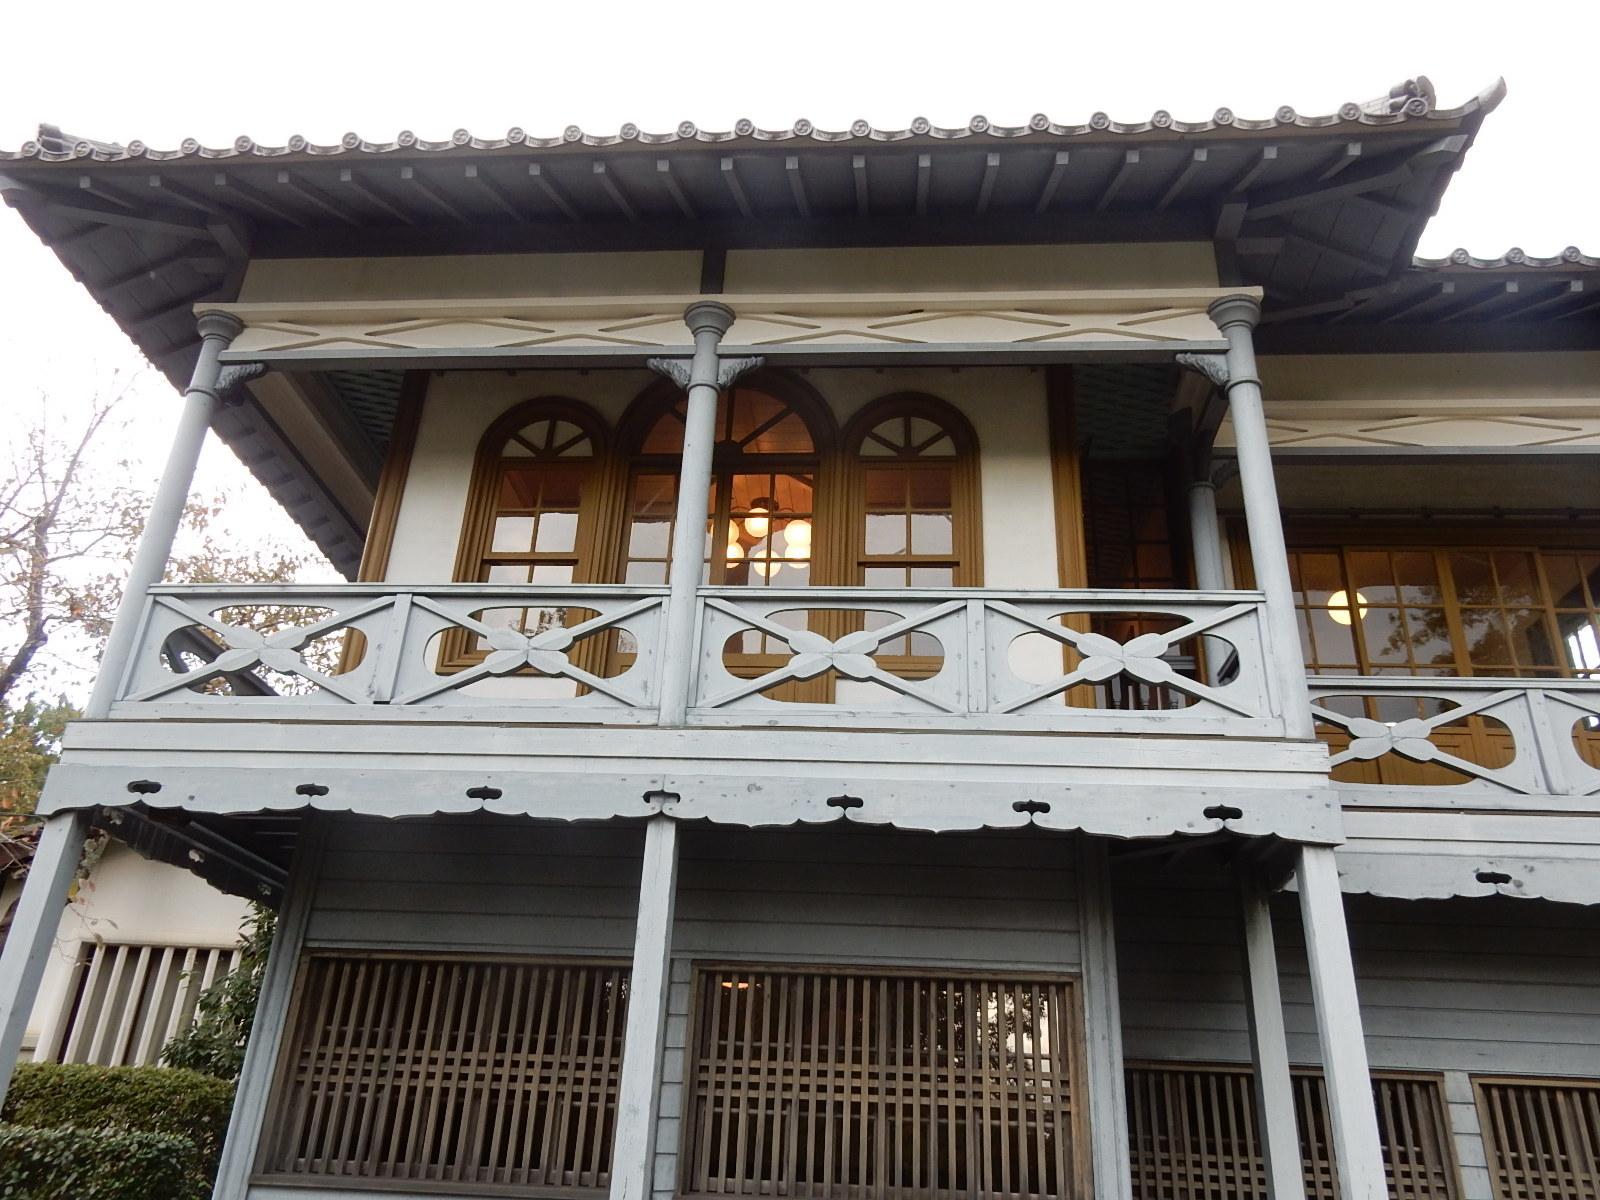 岡崎の建築設計事務所(三河愛知)のKANO空感設計のブログ「あすまい空感日記」住宅の計画設計監理の様子Blog  / KANO空感設計 あすまい空感日記・・・明日の私(MY)の住まい